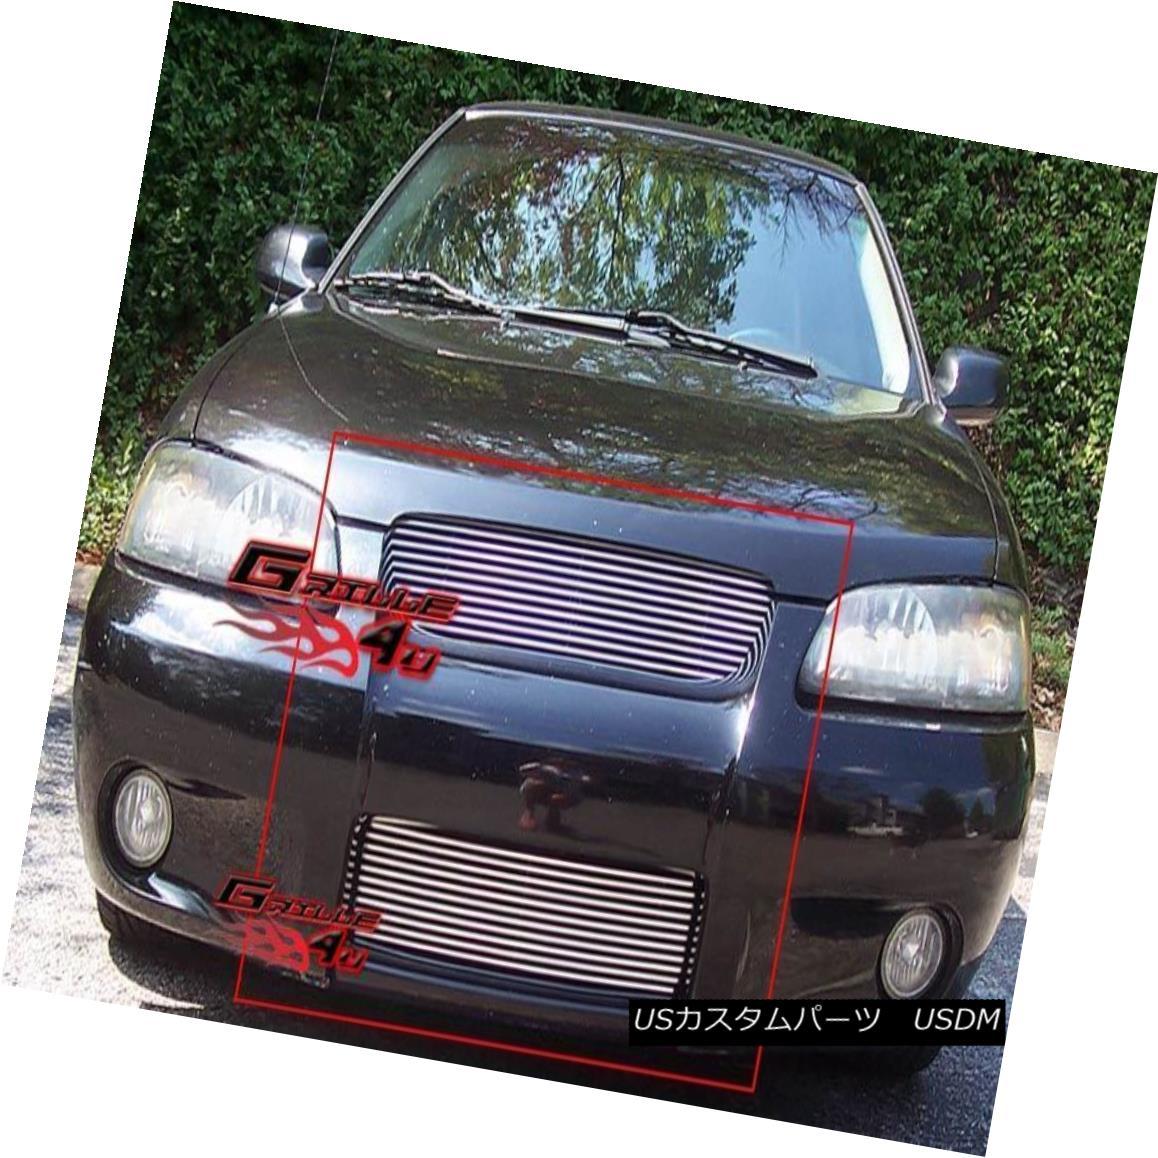 グリル For 02-03 Nissan Sentra SE-R Billet Grille Combo Insert 02-03日産セントラSE-Rビレットグリルコンボインサート